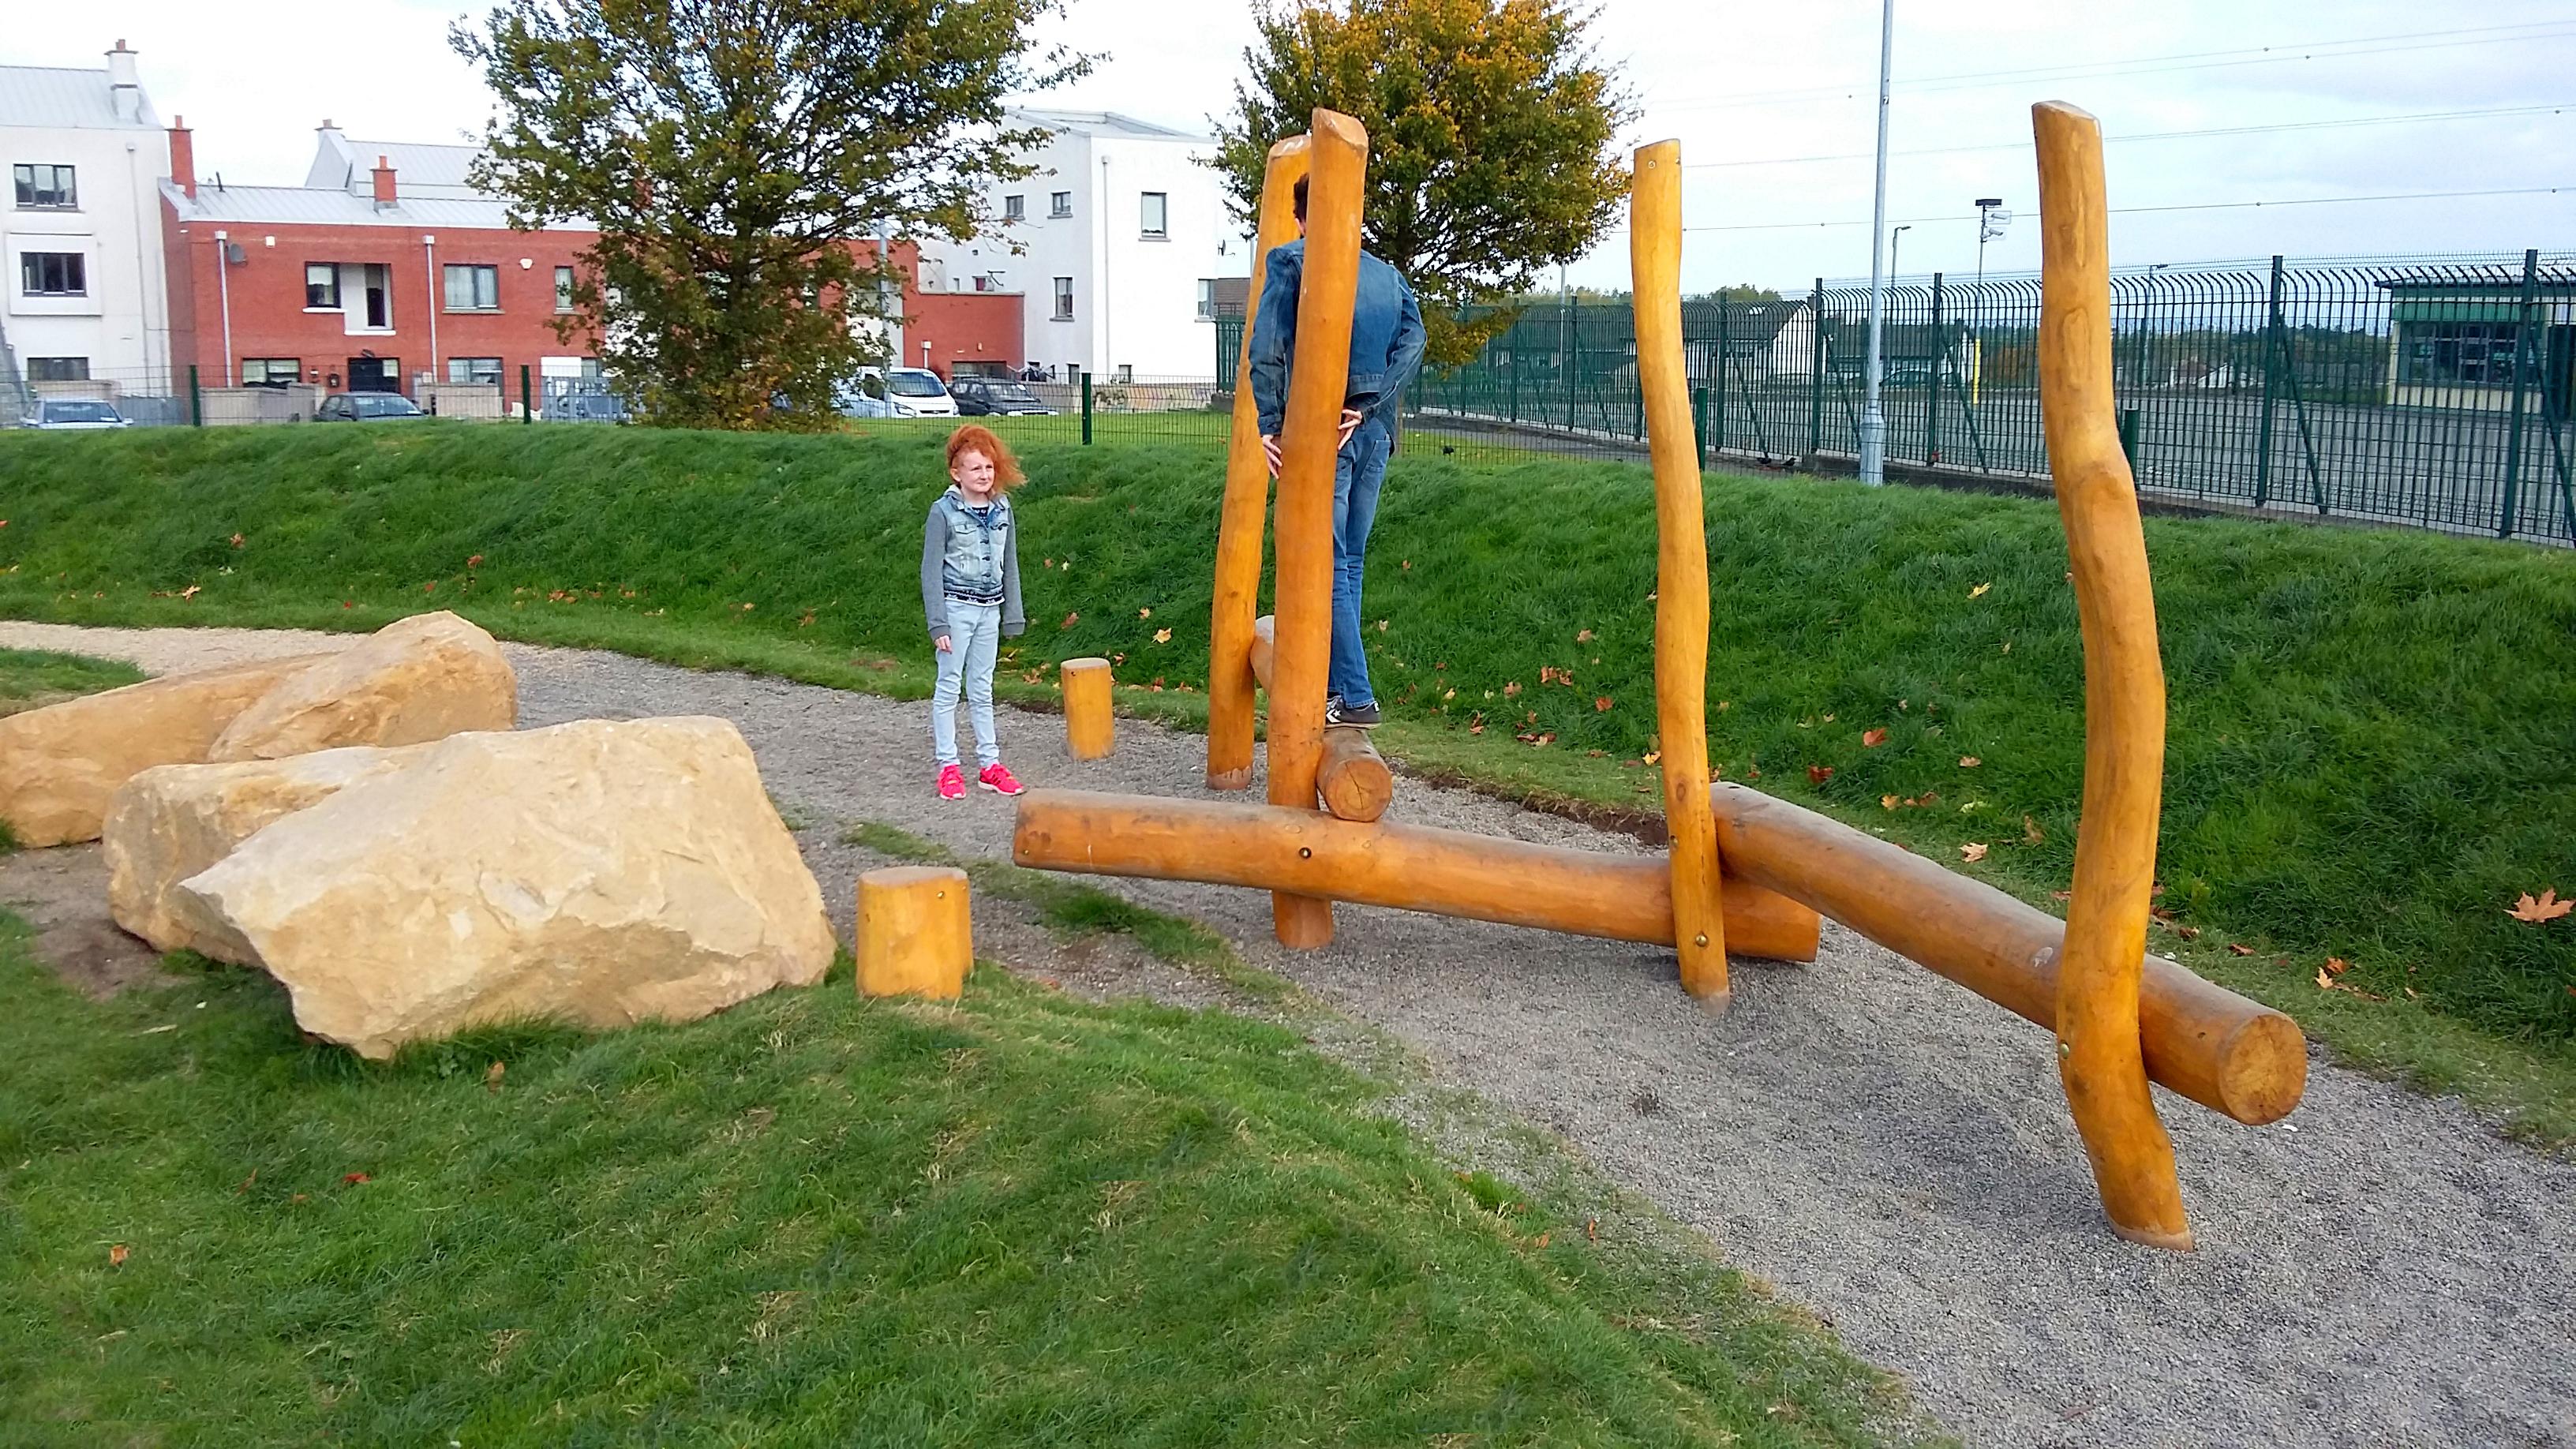 Balancing log walk - 2.300